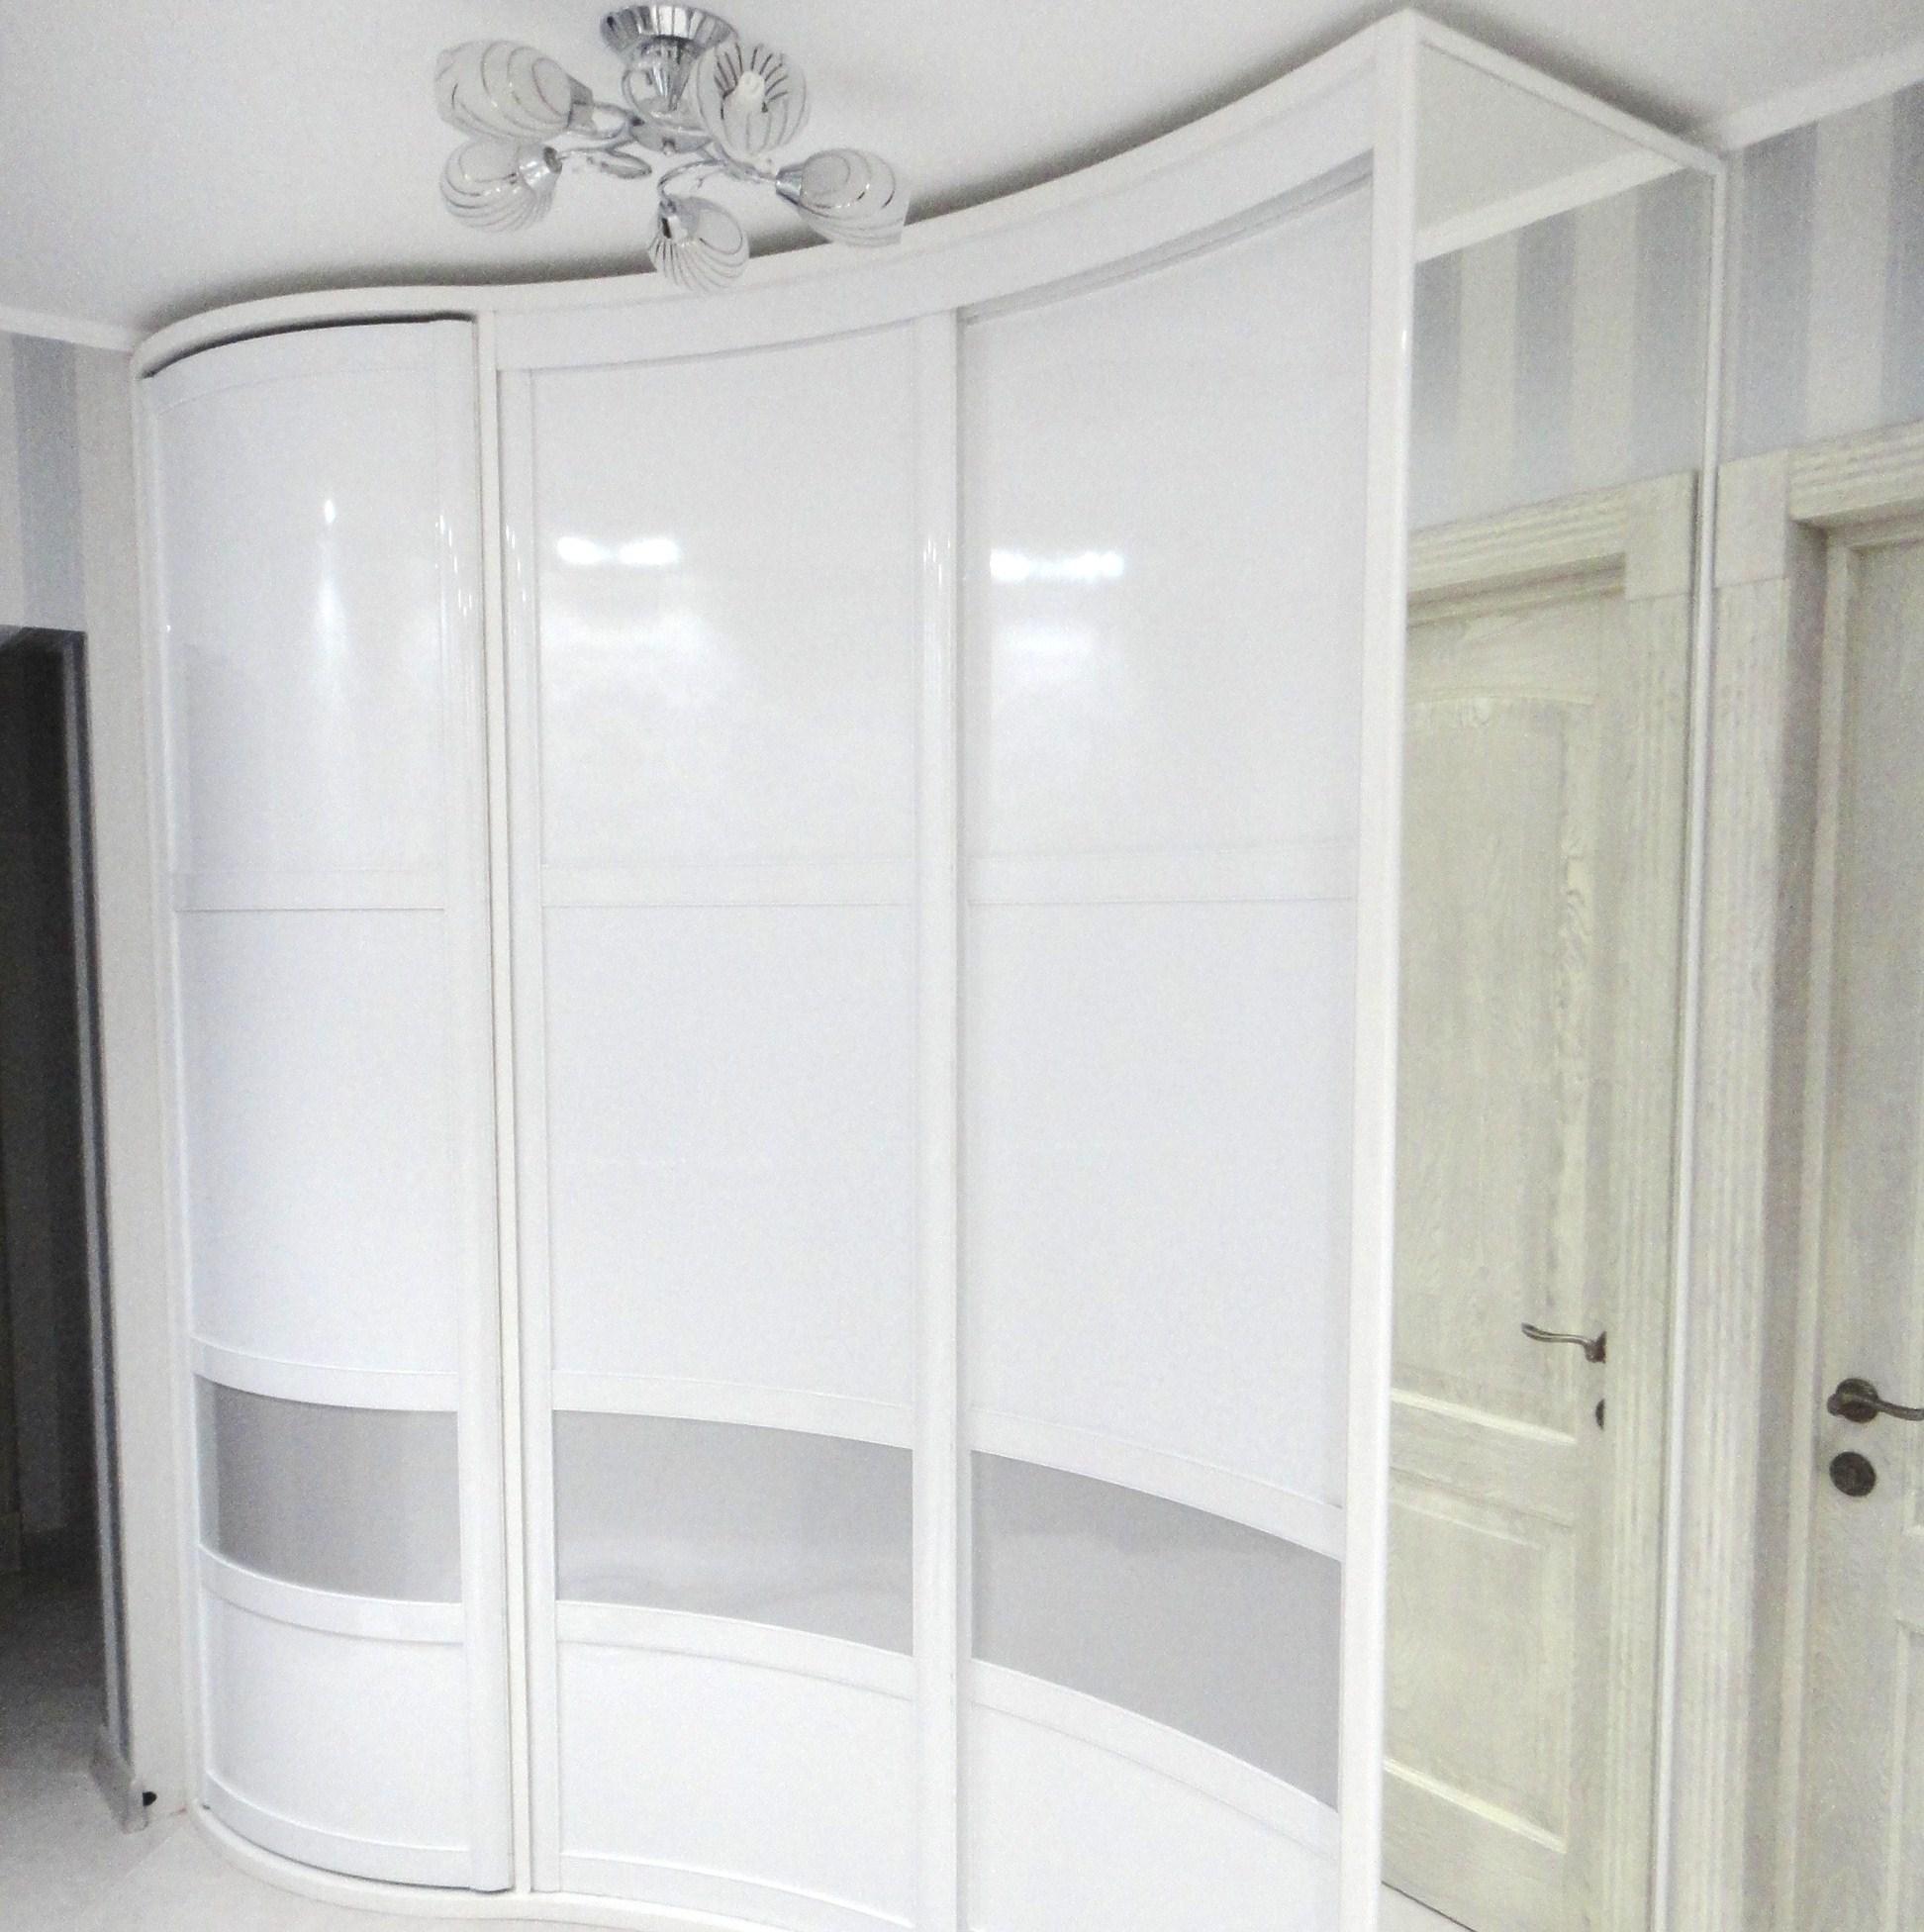 Профиль для радиусных дверей-купе , шкафов-купе.